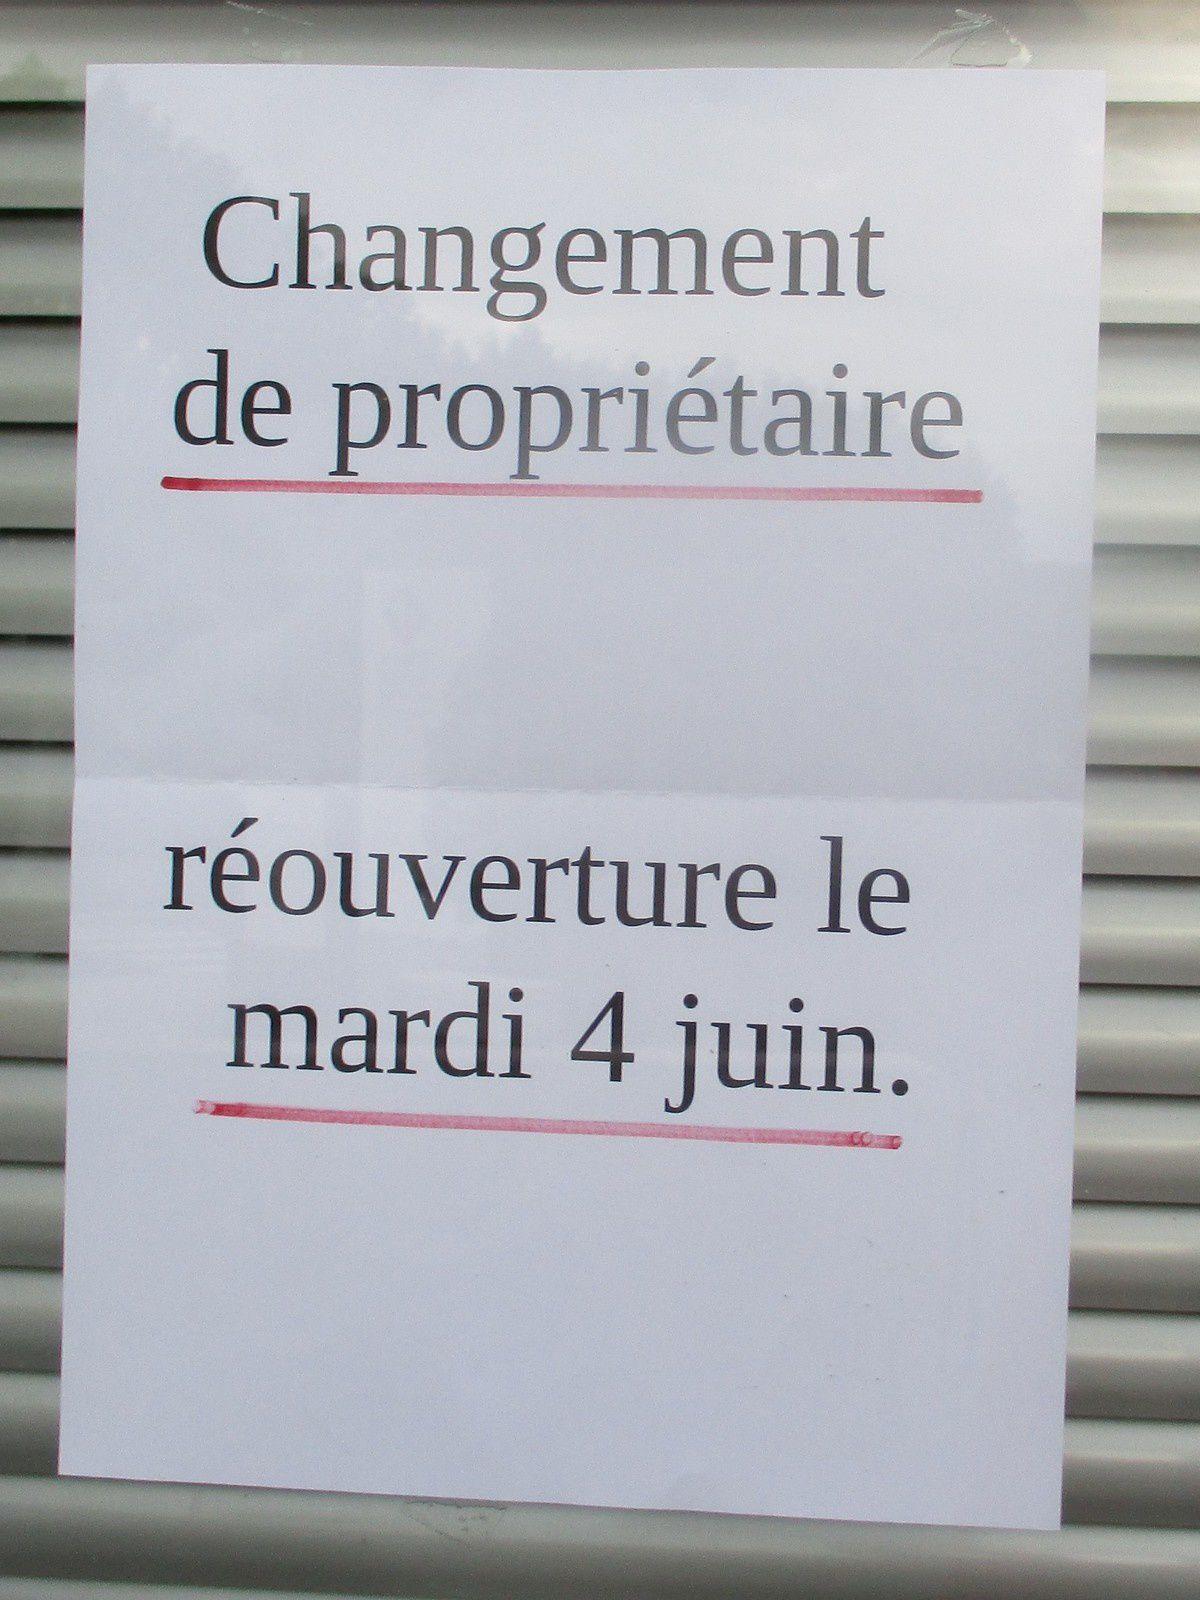 Changement de propriétaire à la boucherie-charcuterie chez ROQUESOLANE